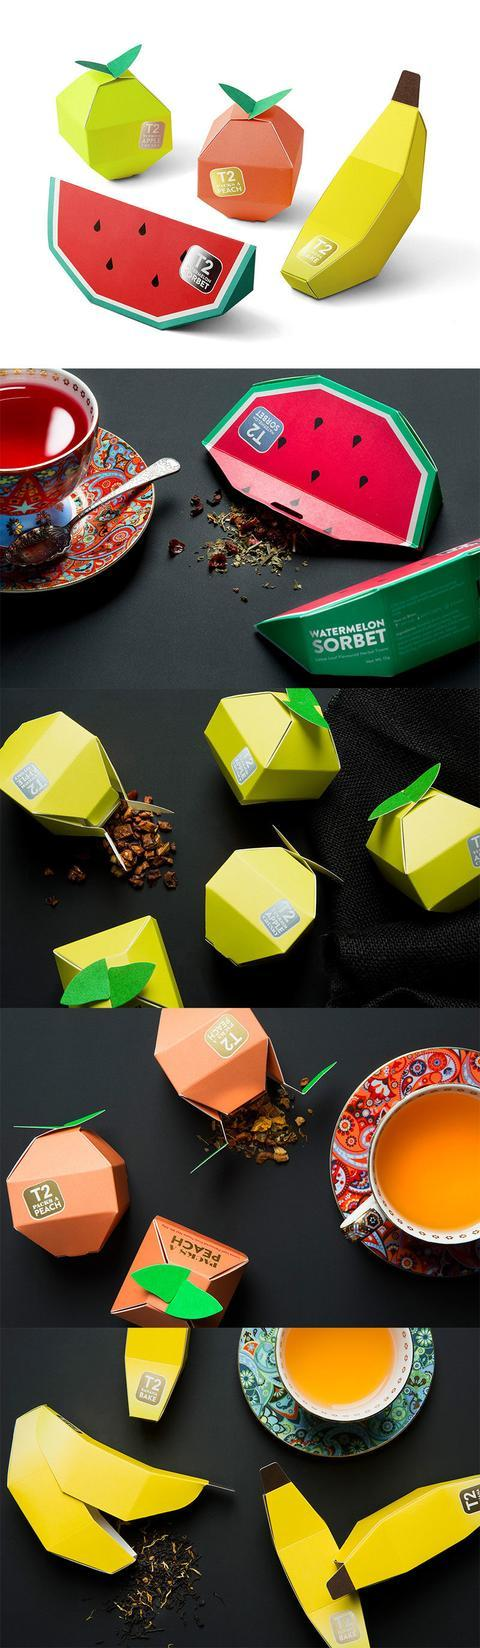 简单大方的茶叶包装设计,用户看了想不买单都难